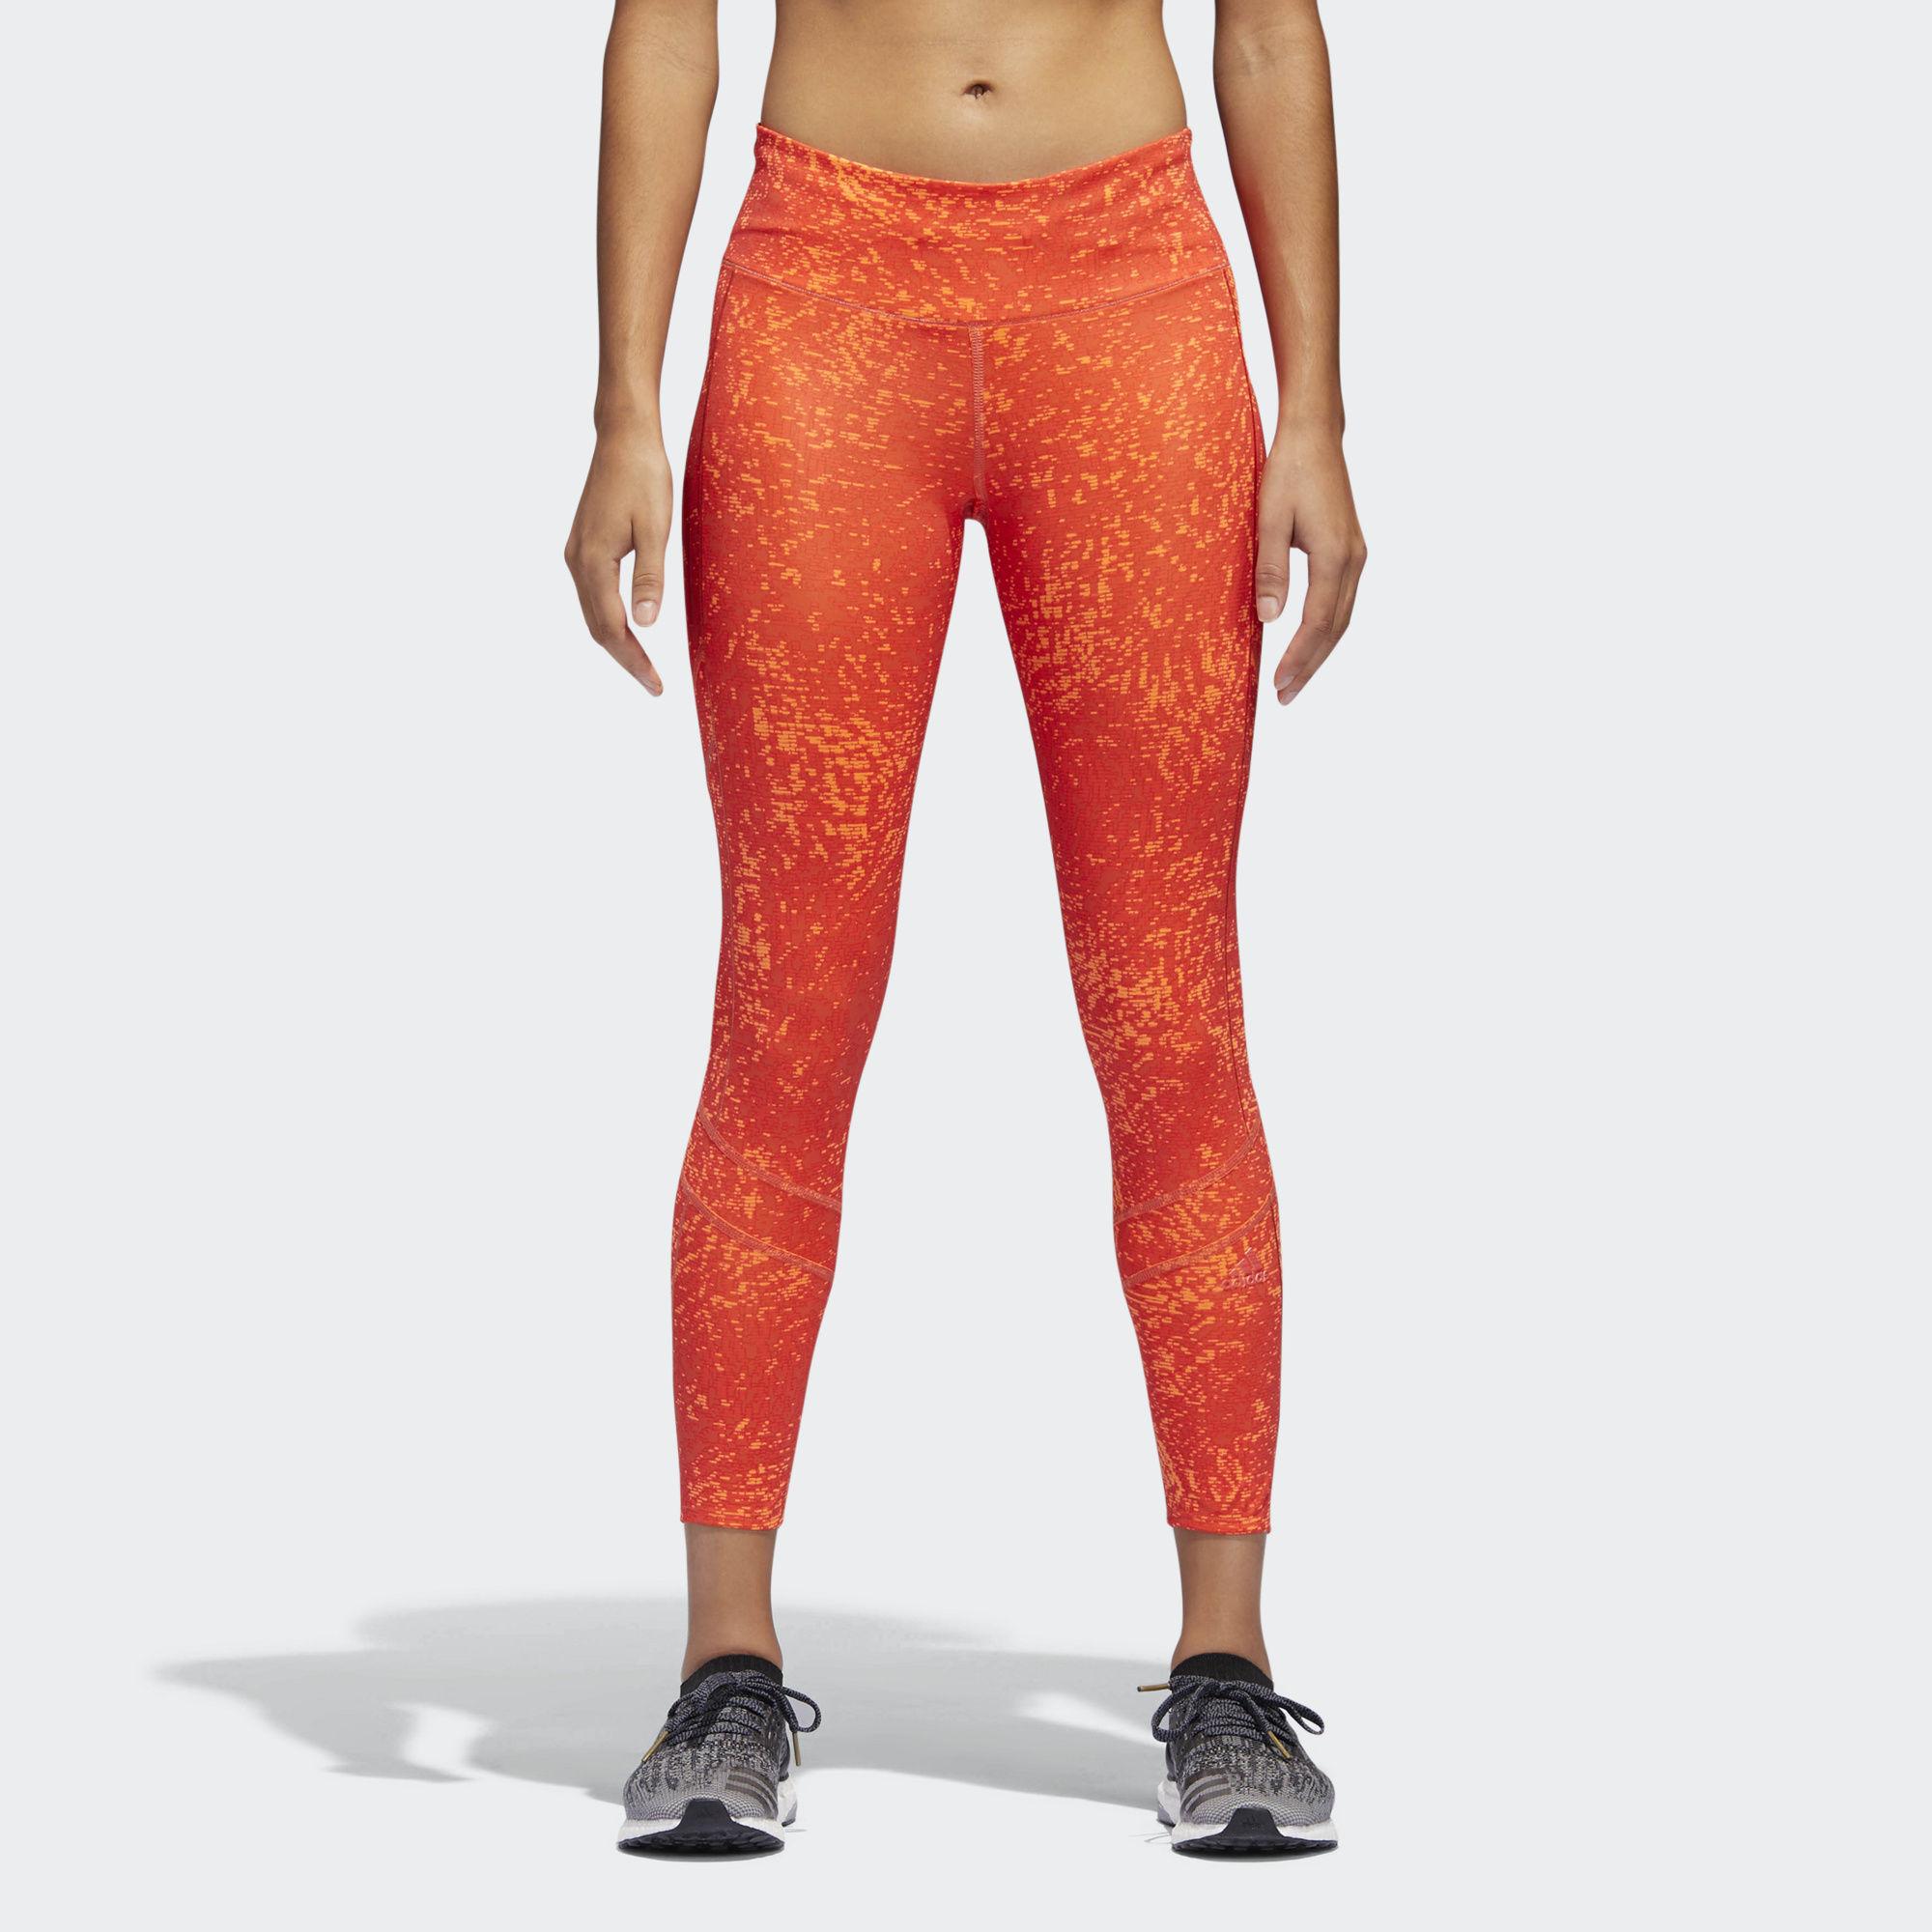 Тайтсы женские Adidas How We Do Tight, цвет: оранжевый. CG1112. Размер XS (40/42)CG1112Женские беговые тайтсы от adidas выполнены эластичного полиэстера. Материал отводит излишки тепла от кожи, обеспечивая отличную вентиляцию в самые напряженные моменты тренировки. Плоские швы снижают риск раздражения кожи. Облегающий крой создает современный образ.